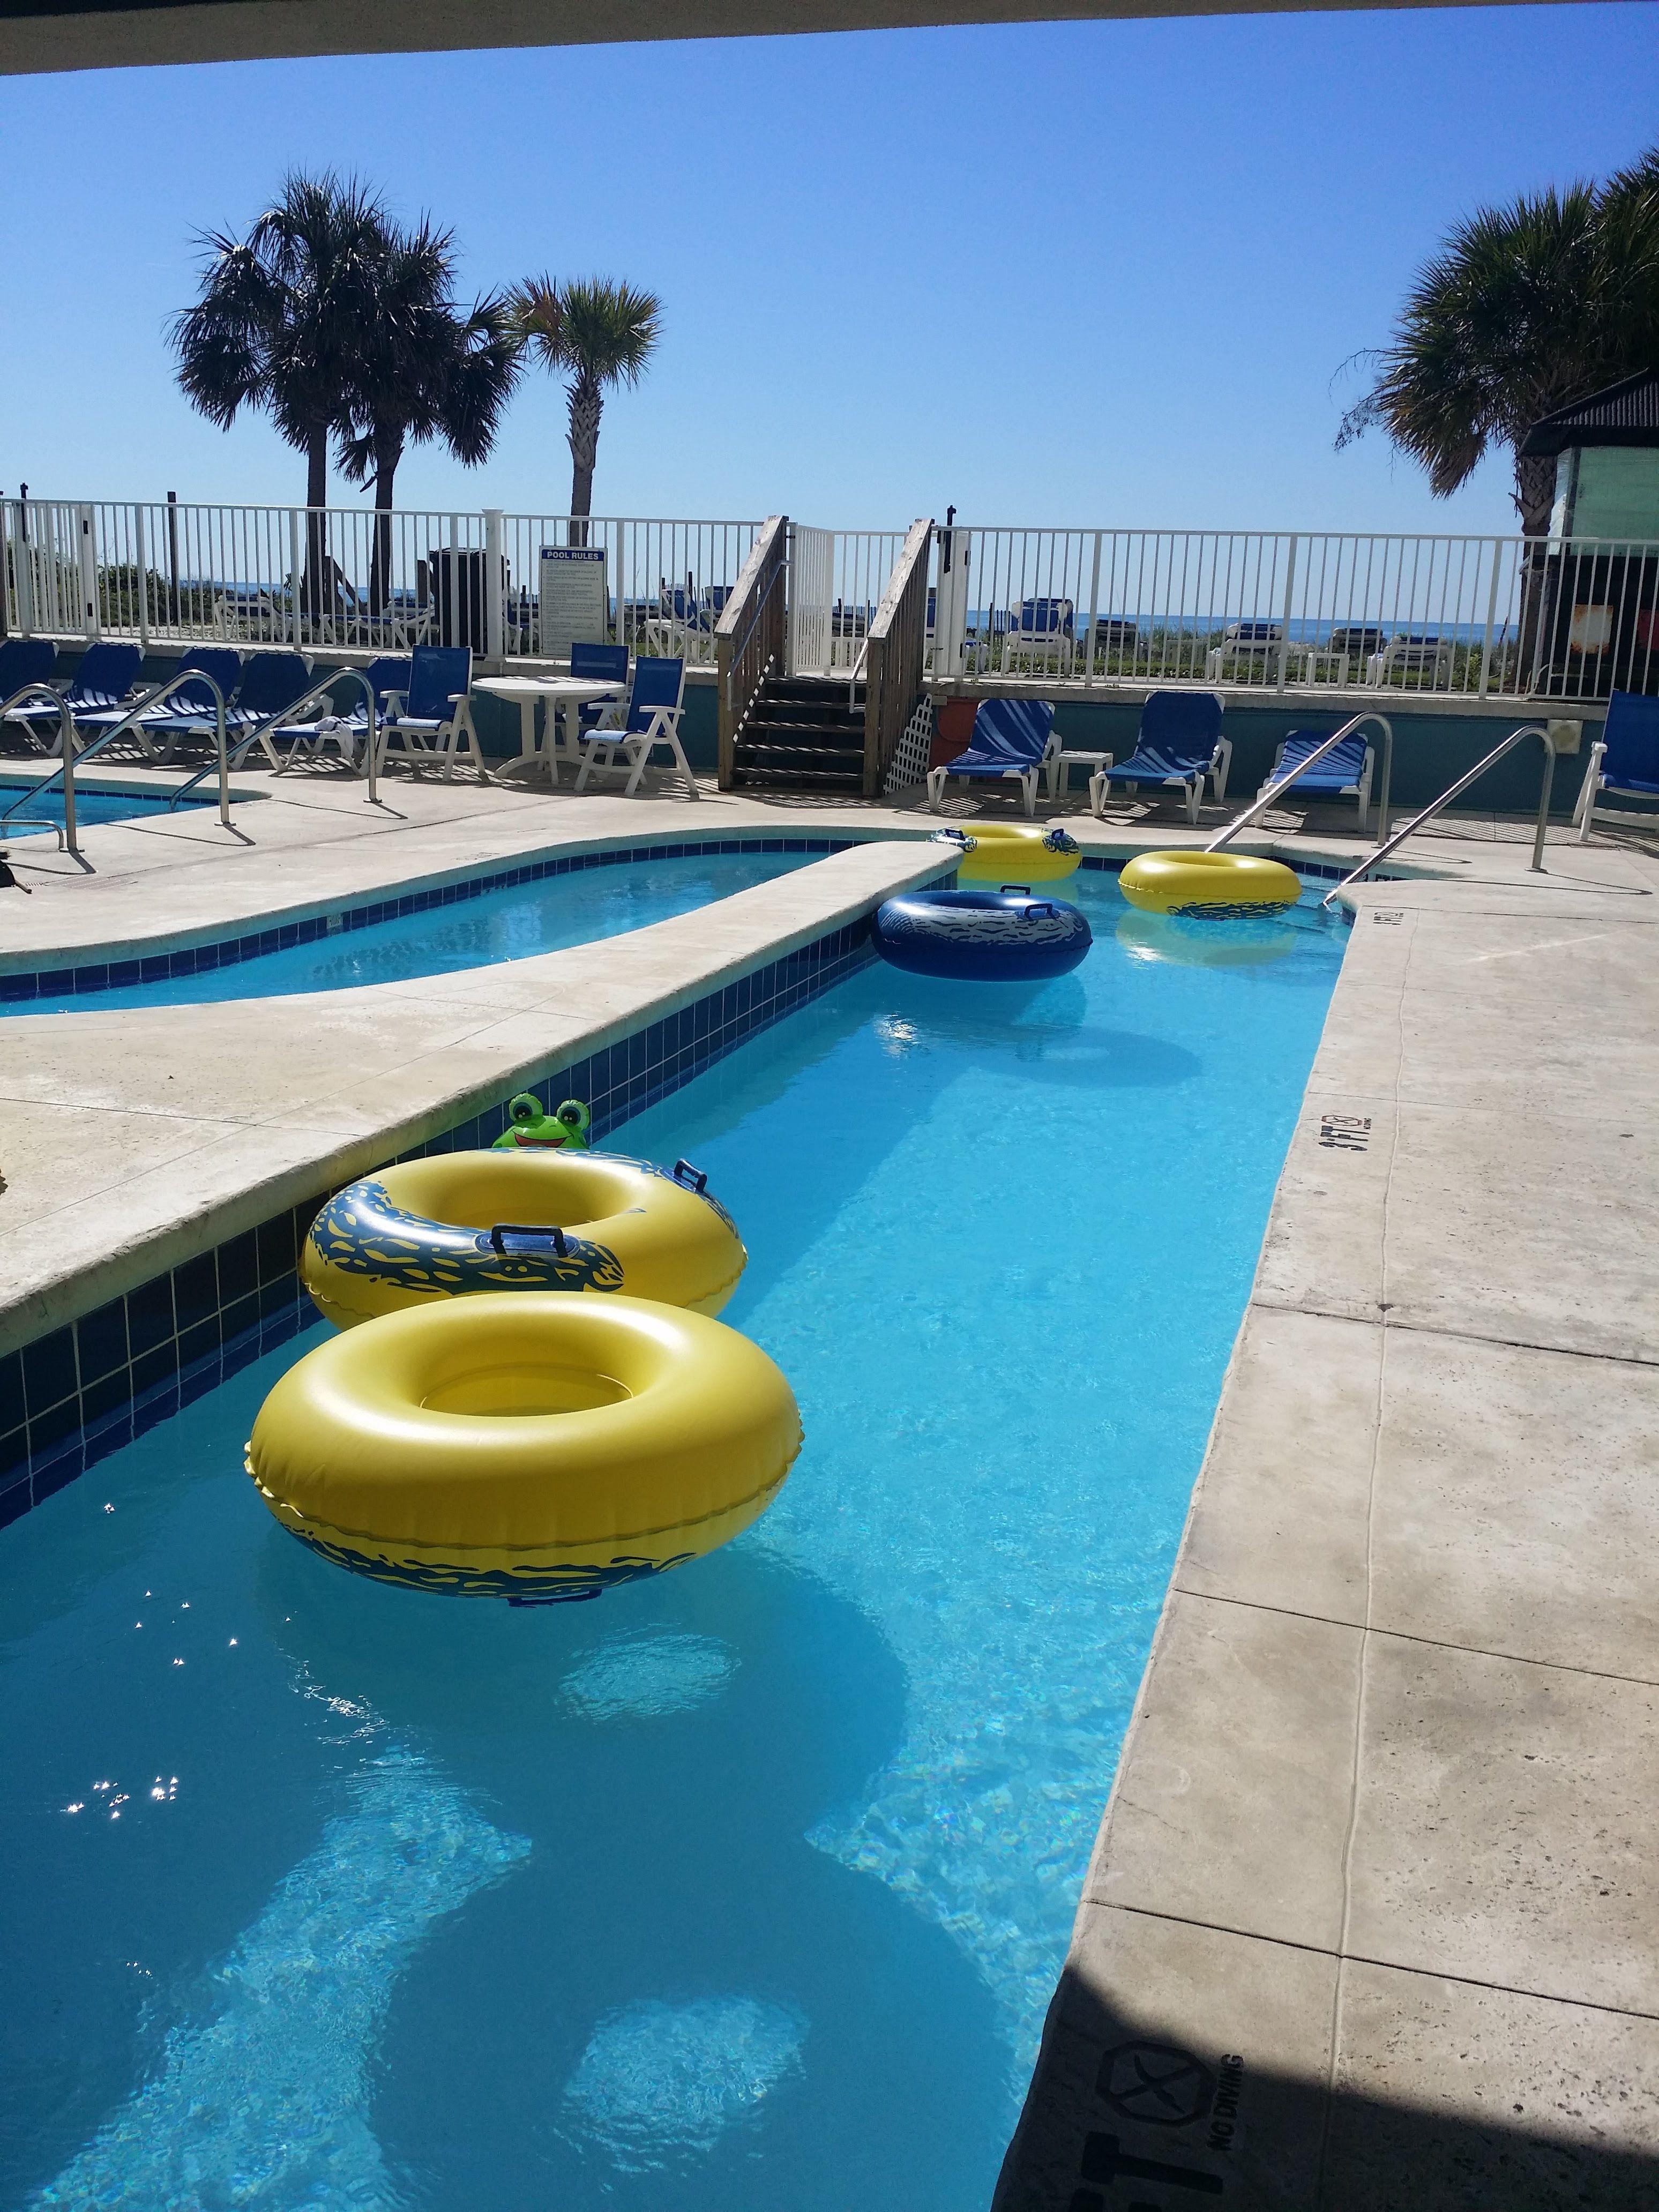 Oceanfront Hotels near Myrtle Beach Boardwalk offers